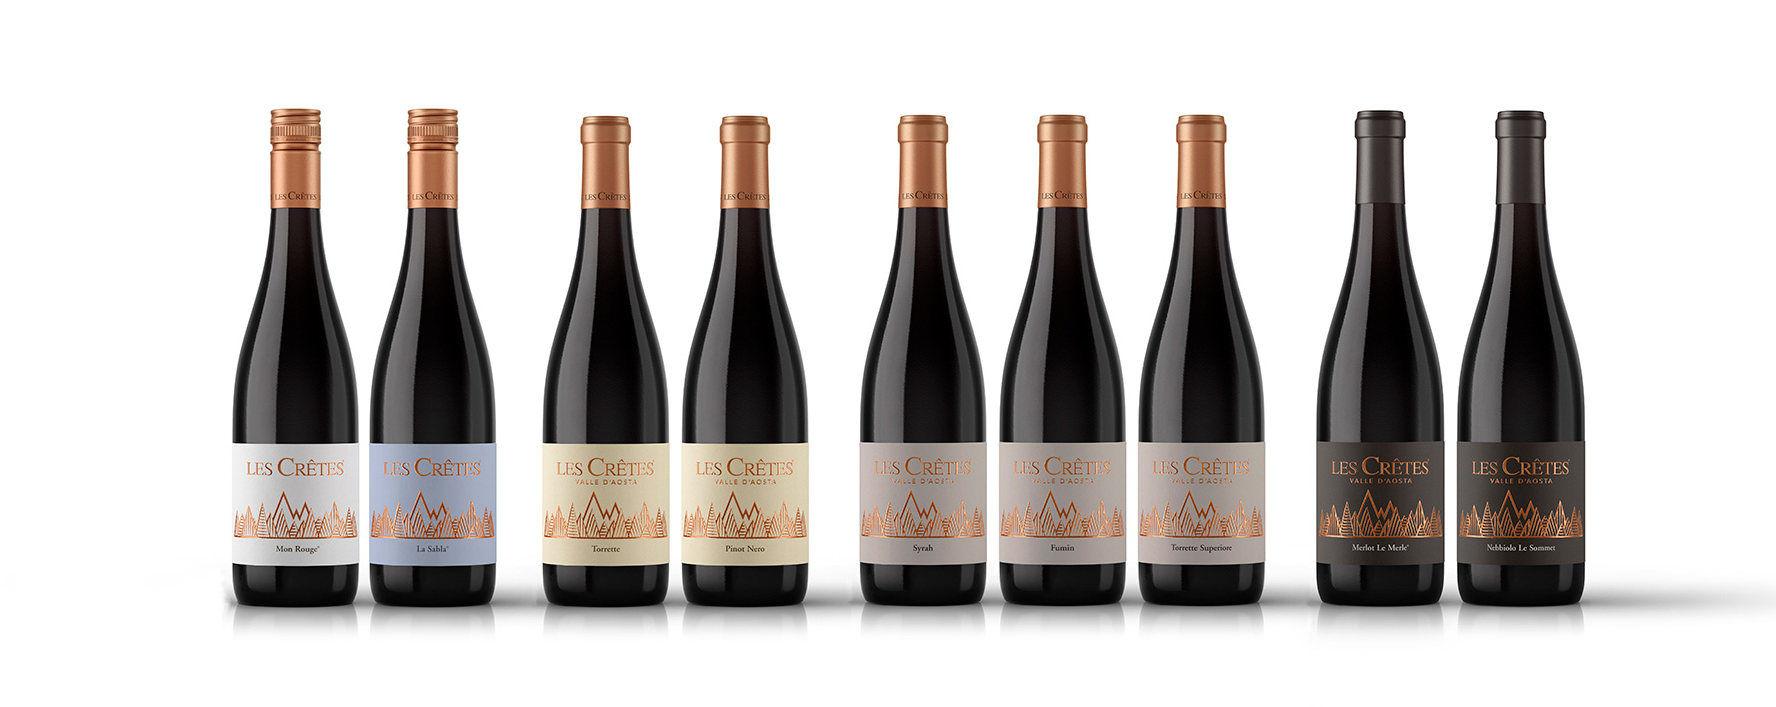 I Rossi Les Crêtes: da sn Mon Rouge, La Sabla, Torrette, Pinot Nero, Syrah, Fumin, Torrette Superiore, Merlot e Nebbiolo